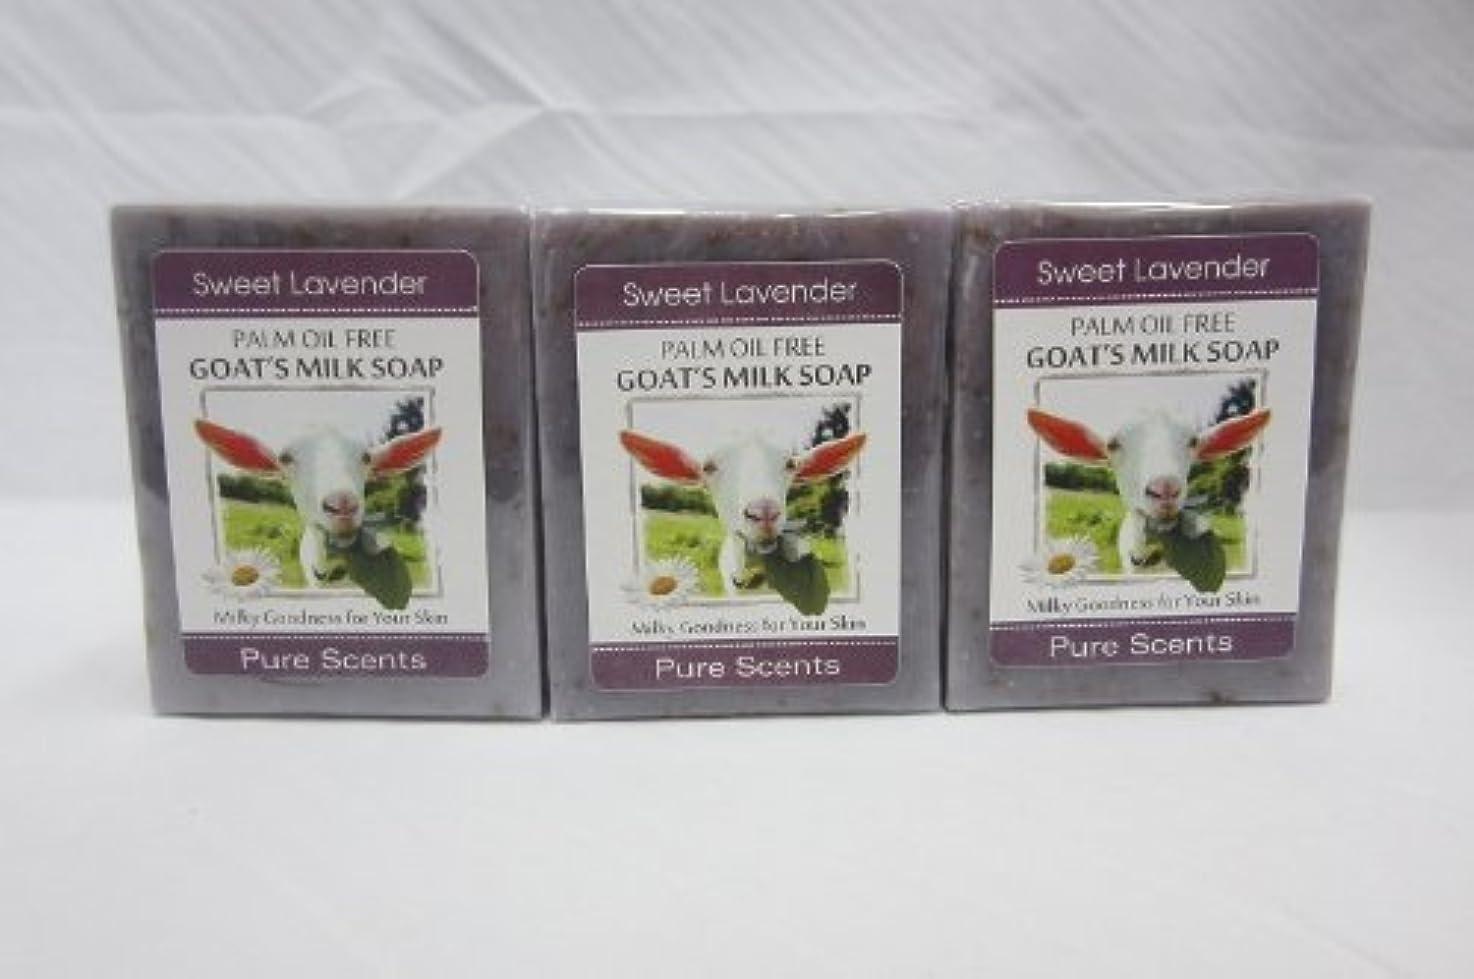 ミンチ必需品杖【Pure Scents】Goat's Milk Soap ヤギのミルクせっけん 3個セット Sweet Lavender スイートラベンダー